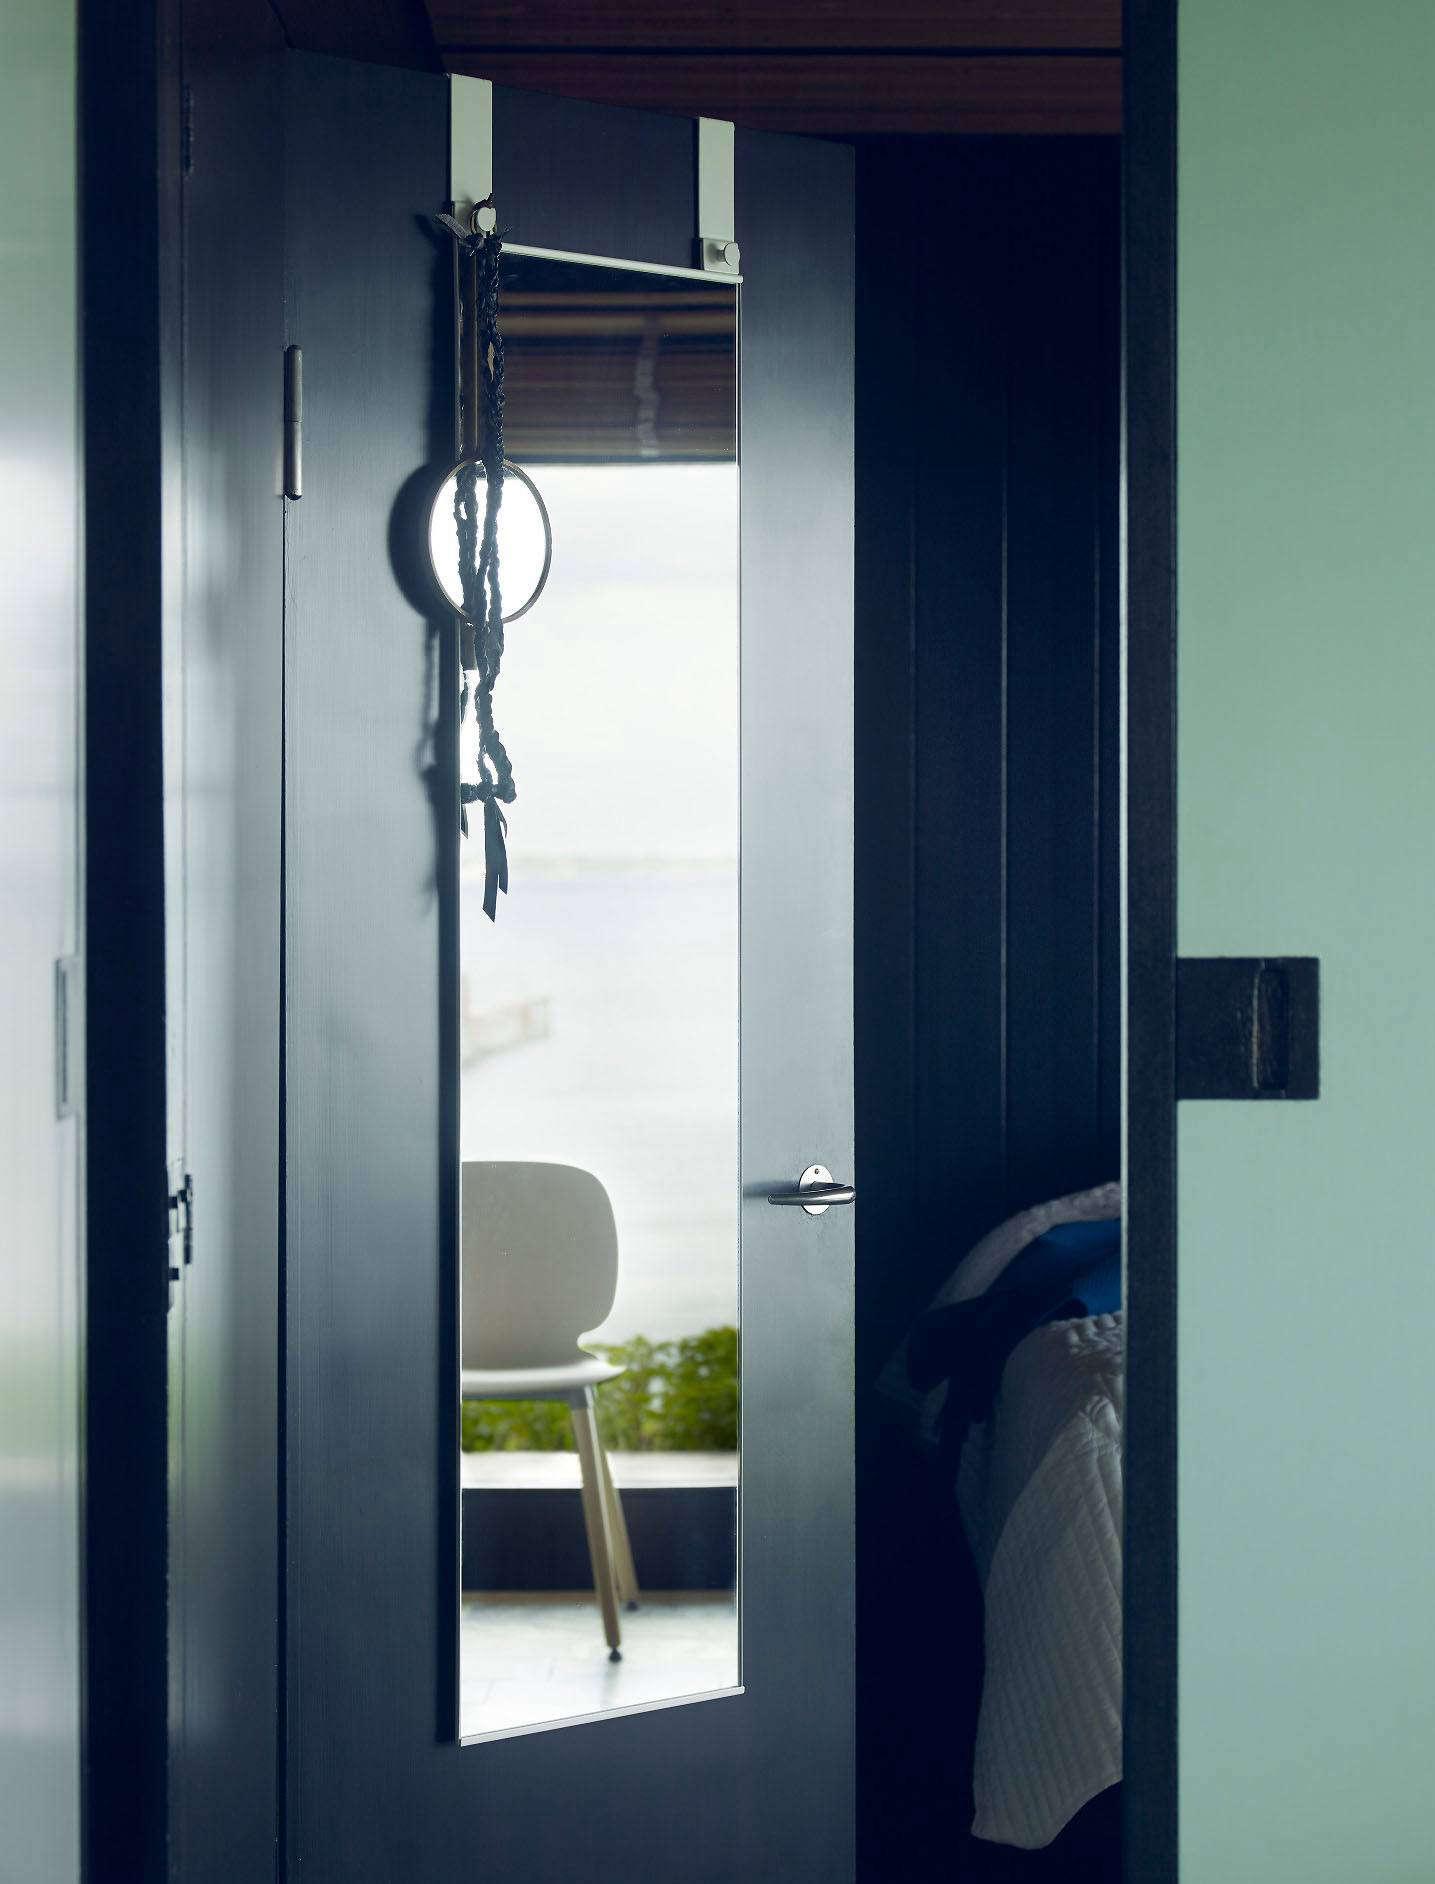 beyond bed bath beyond 18 dorm room essentials for the back to school set remodelista. Black Bedroom Furniture Sets. Home Design Ideas